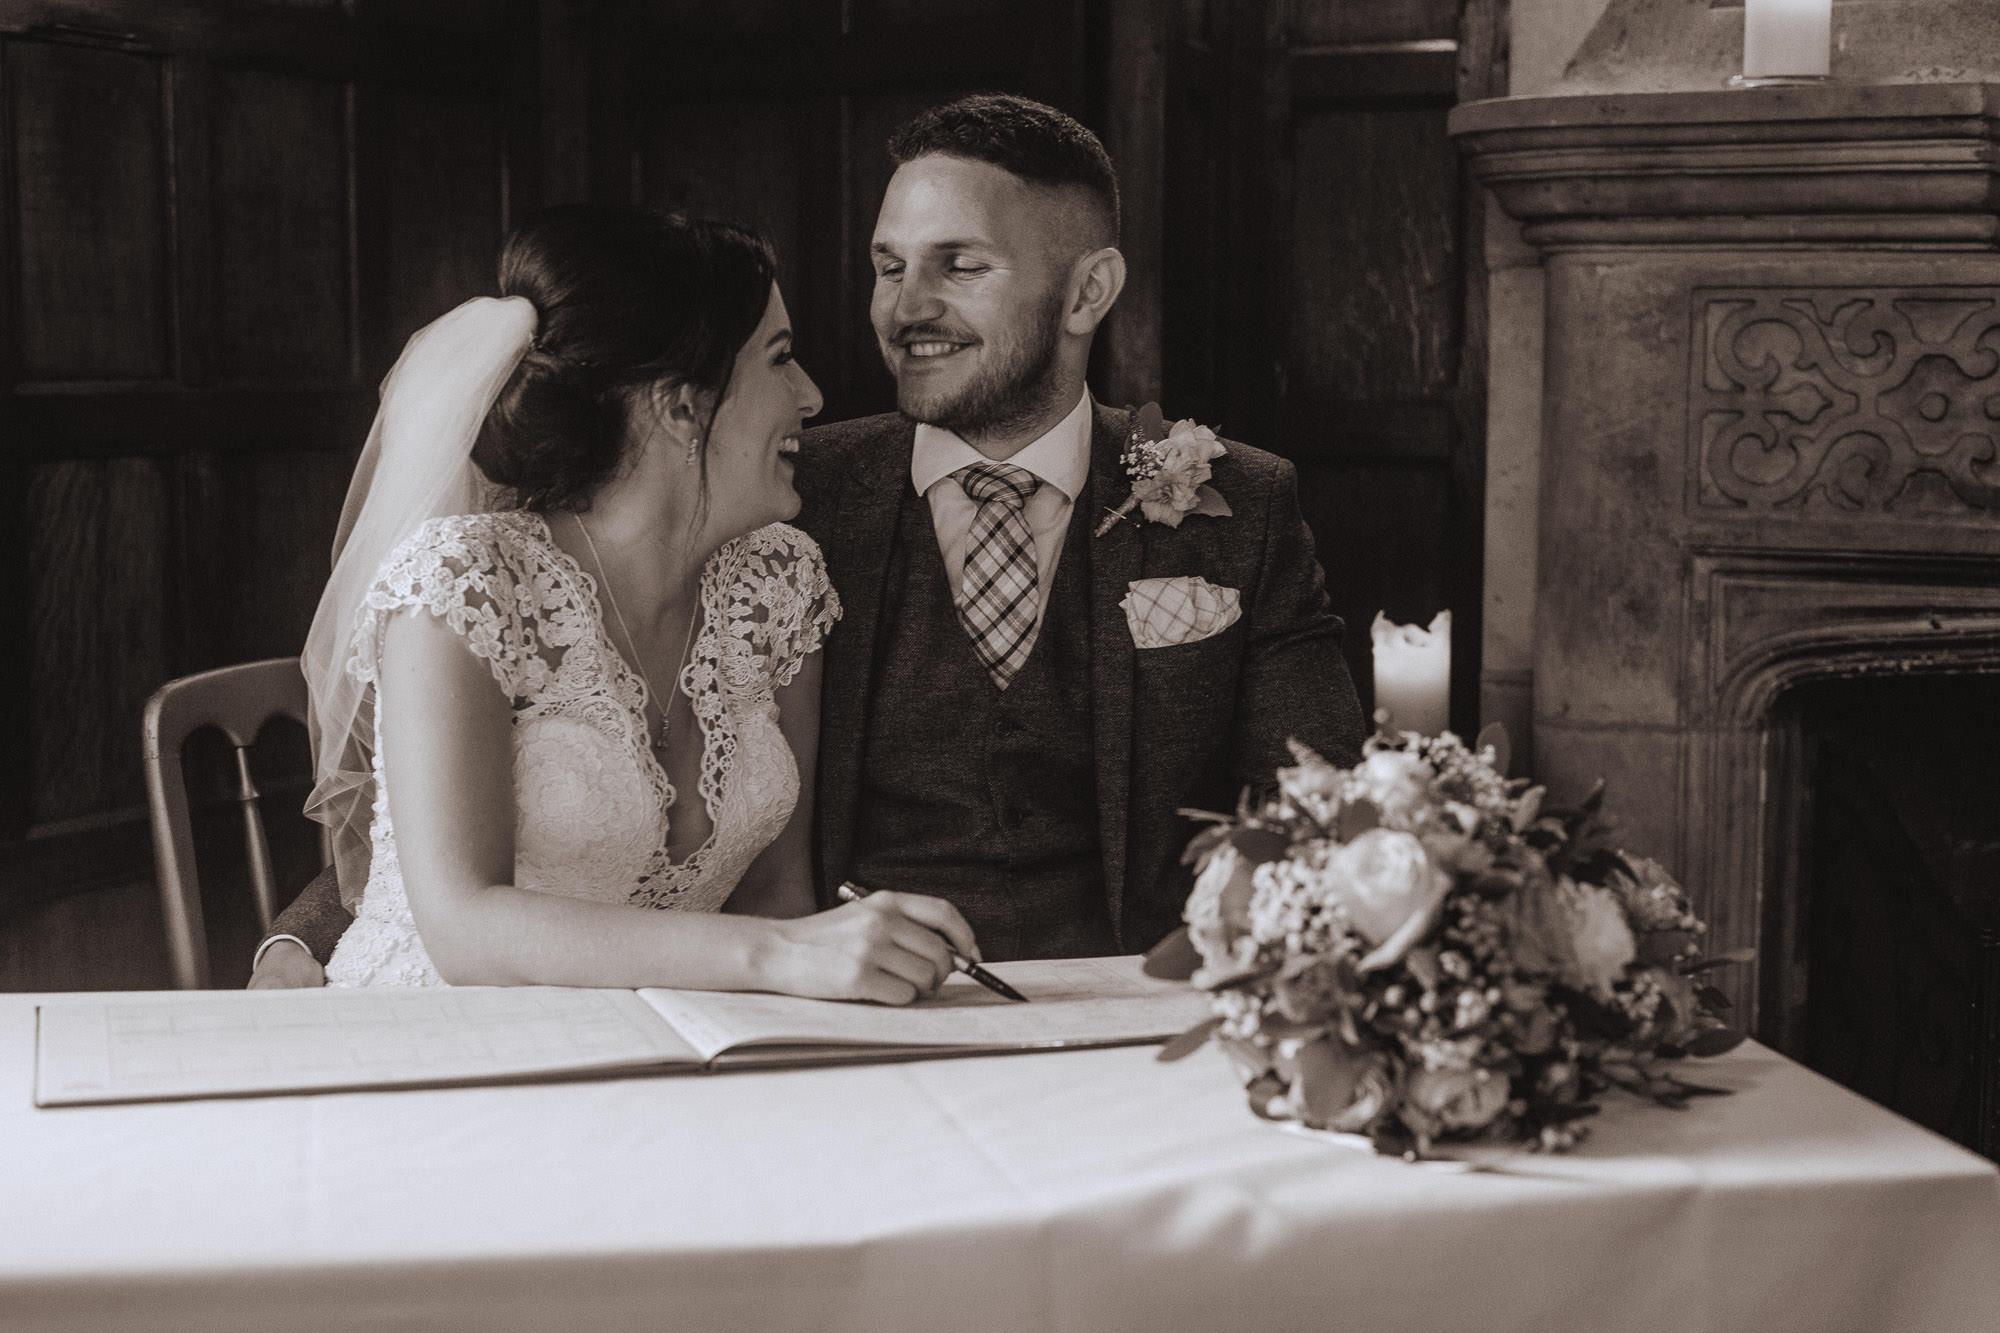 Groombridge-place-wedding-photography-35.jpg